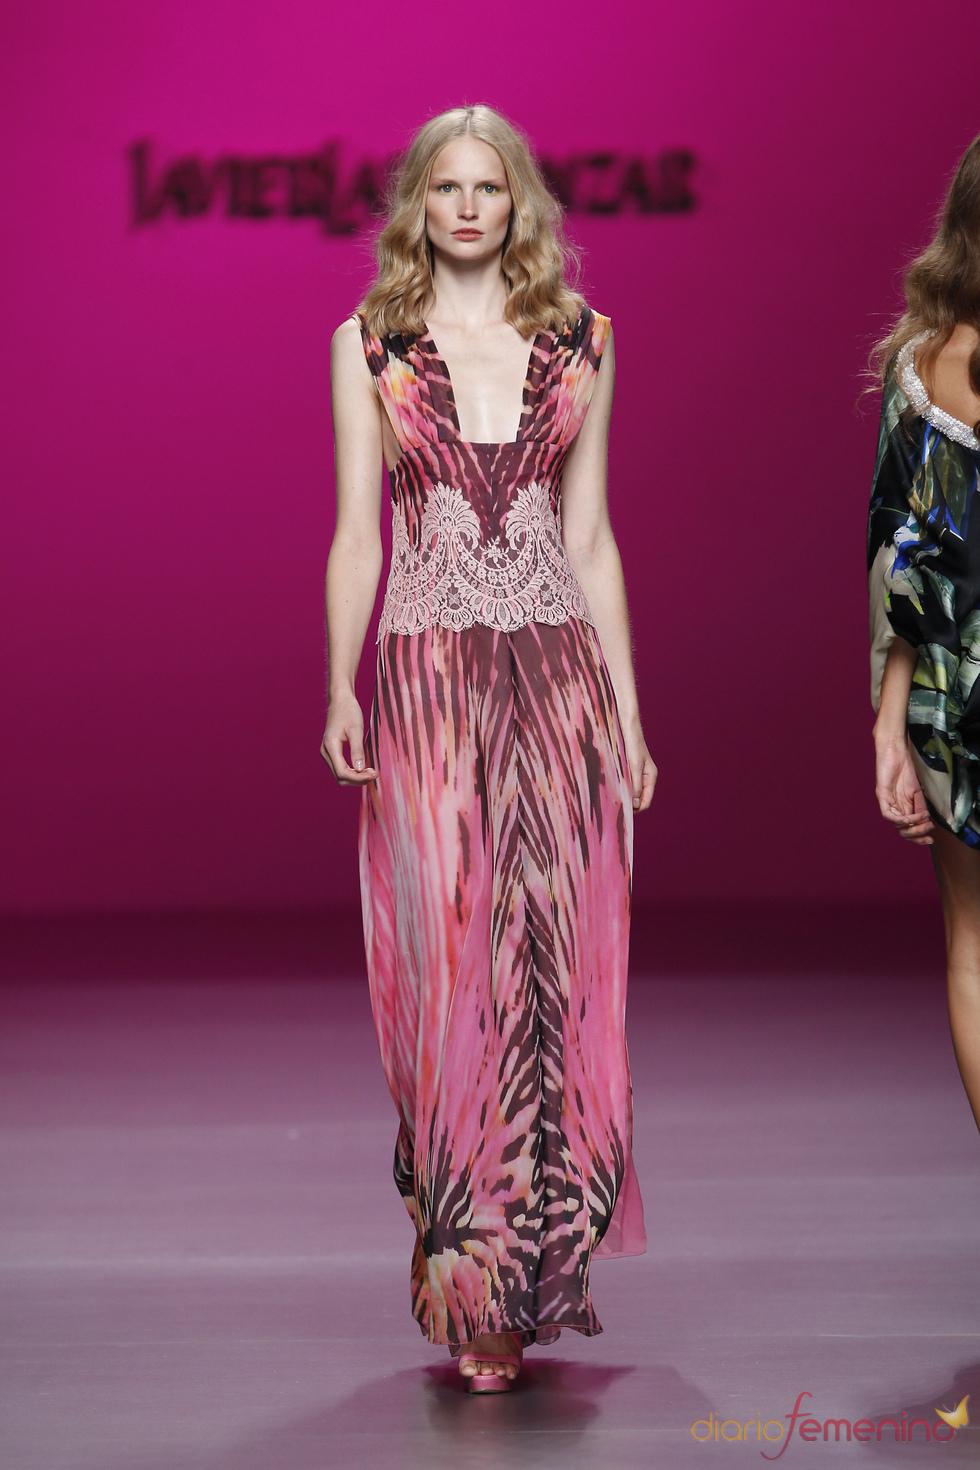 Vestido de fiesta para primavera-verano 2011, Javier Larrainzar